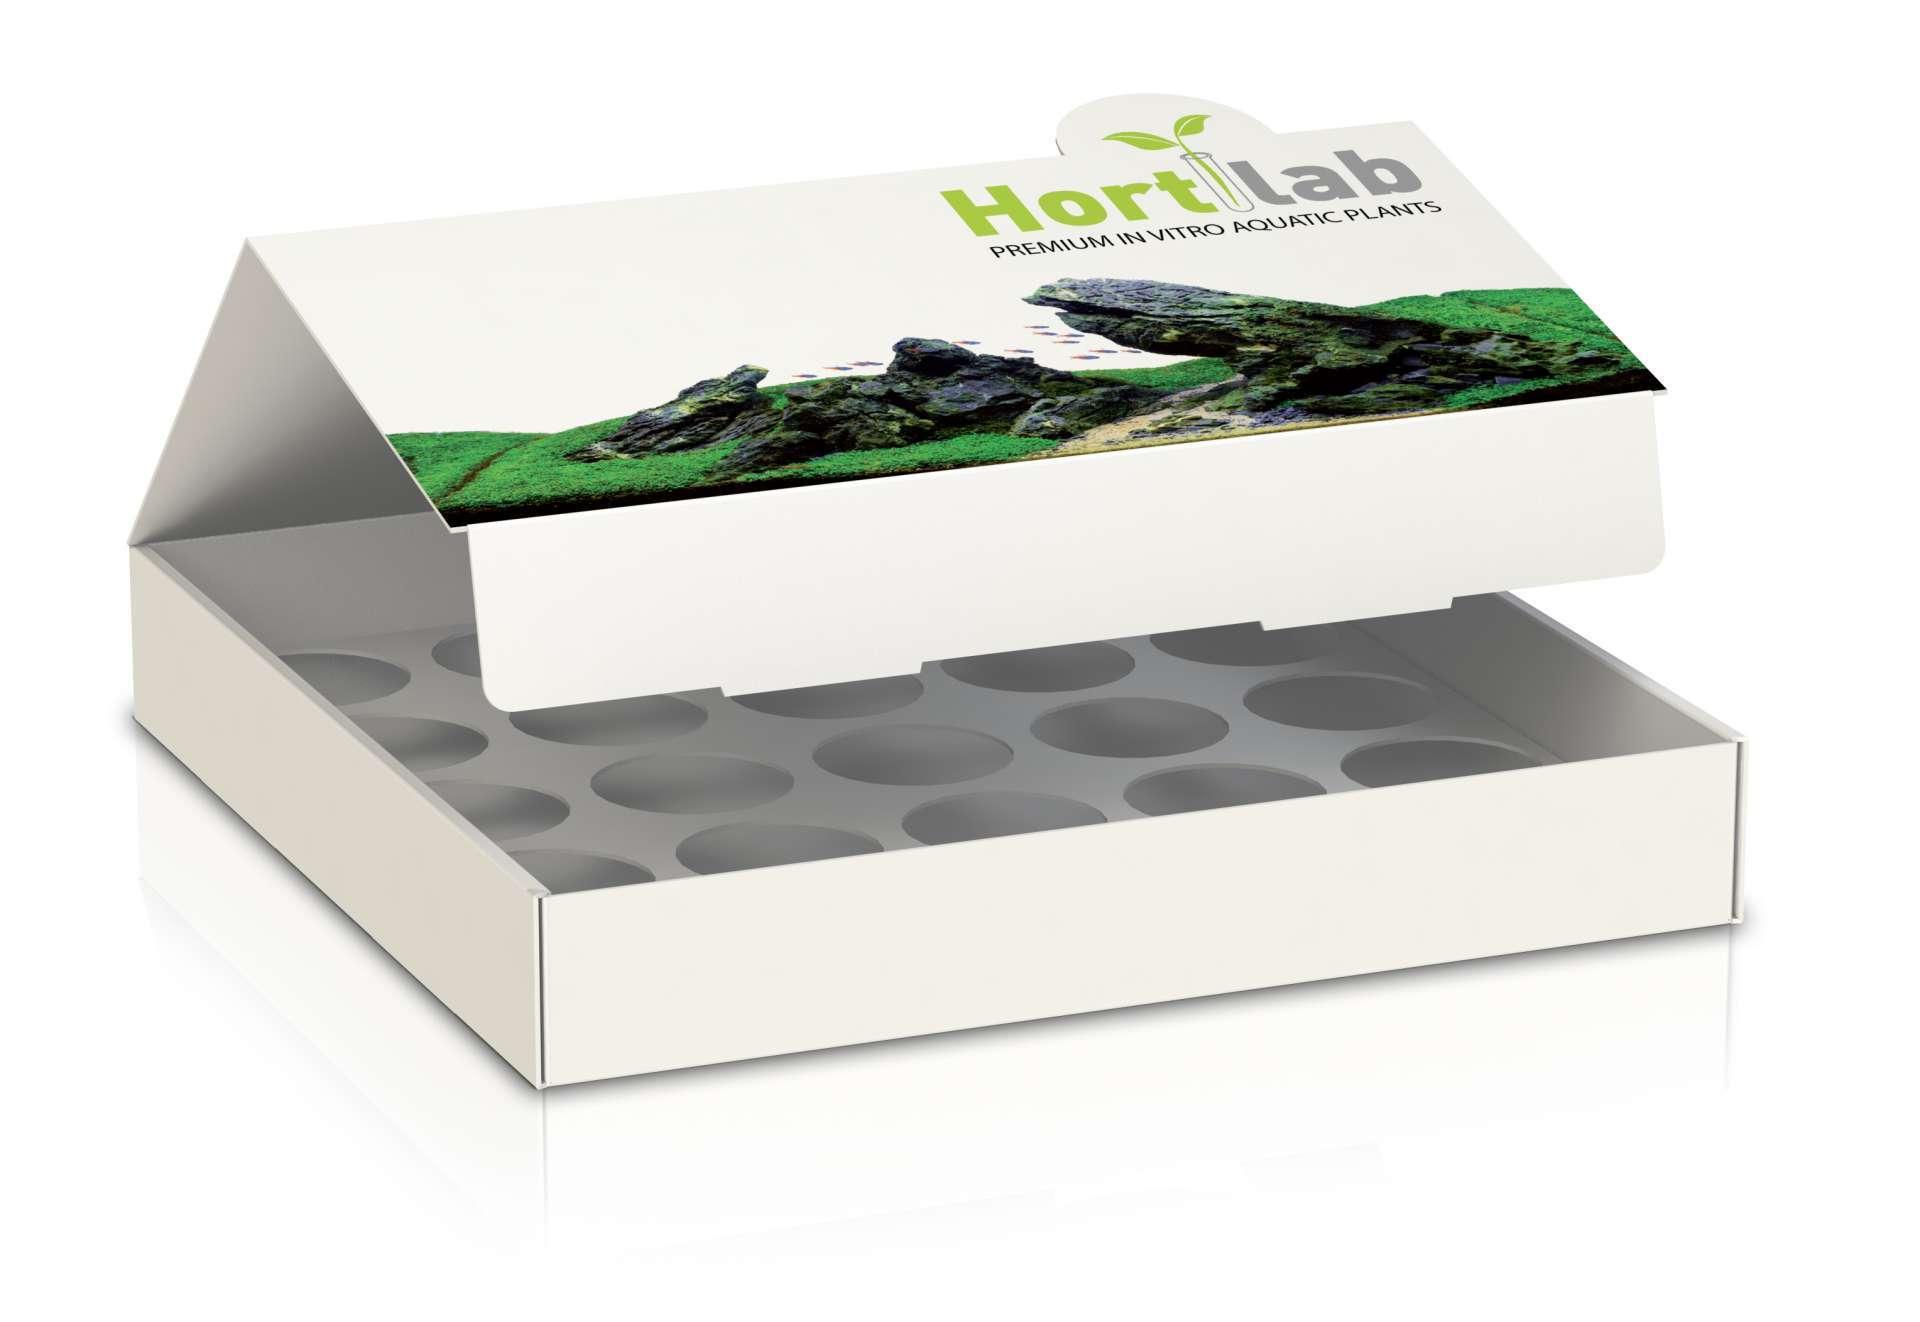 Shelf ready kutija Hortilab